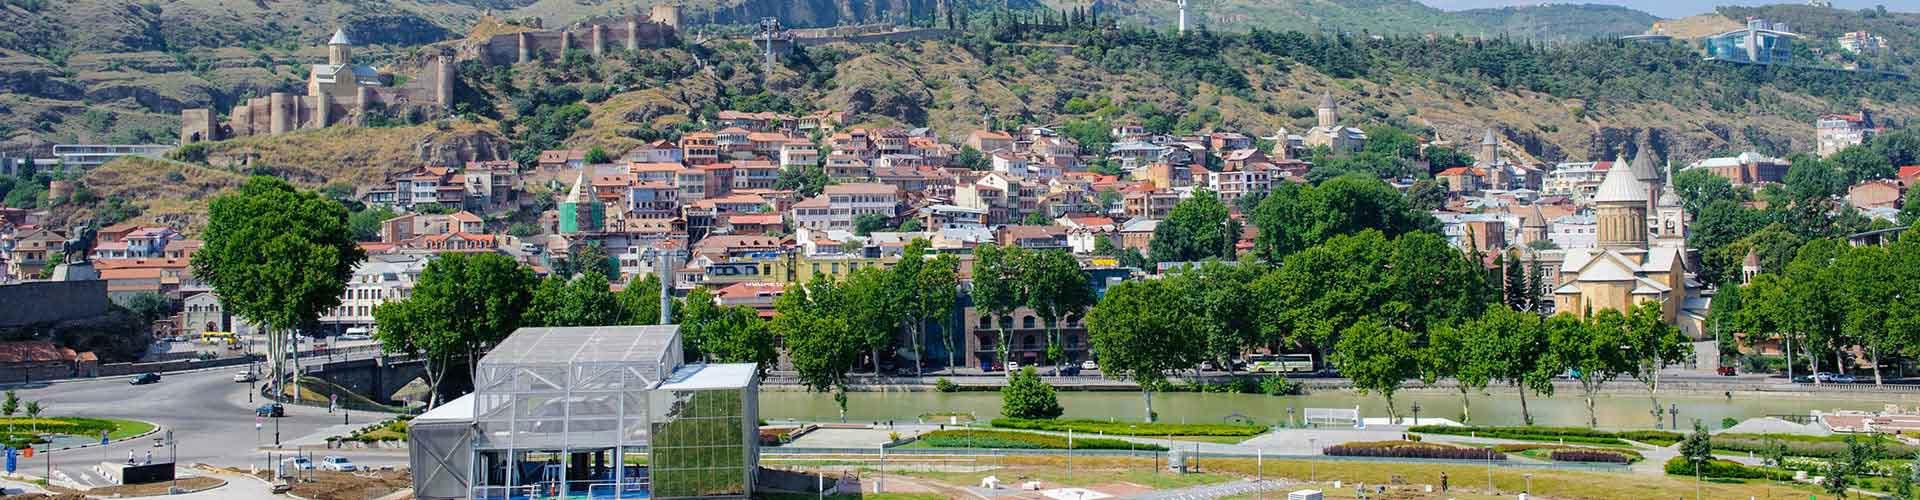 Tbilisi - Hoteles baratos en Tbilisi. Mapas de Tbilisi, Fotos y comentarios de cada Hotel en Tbilisi.